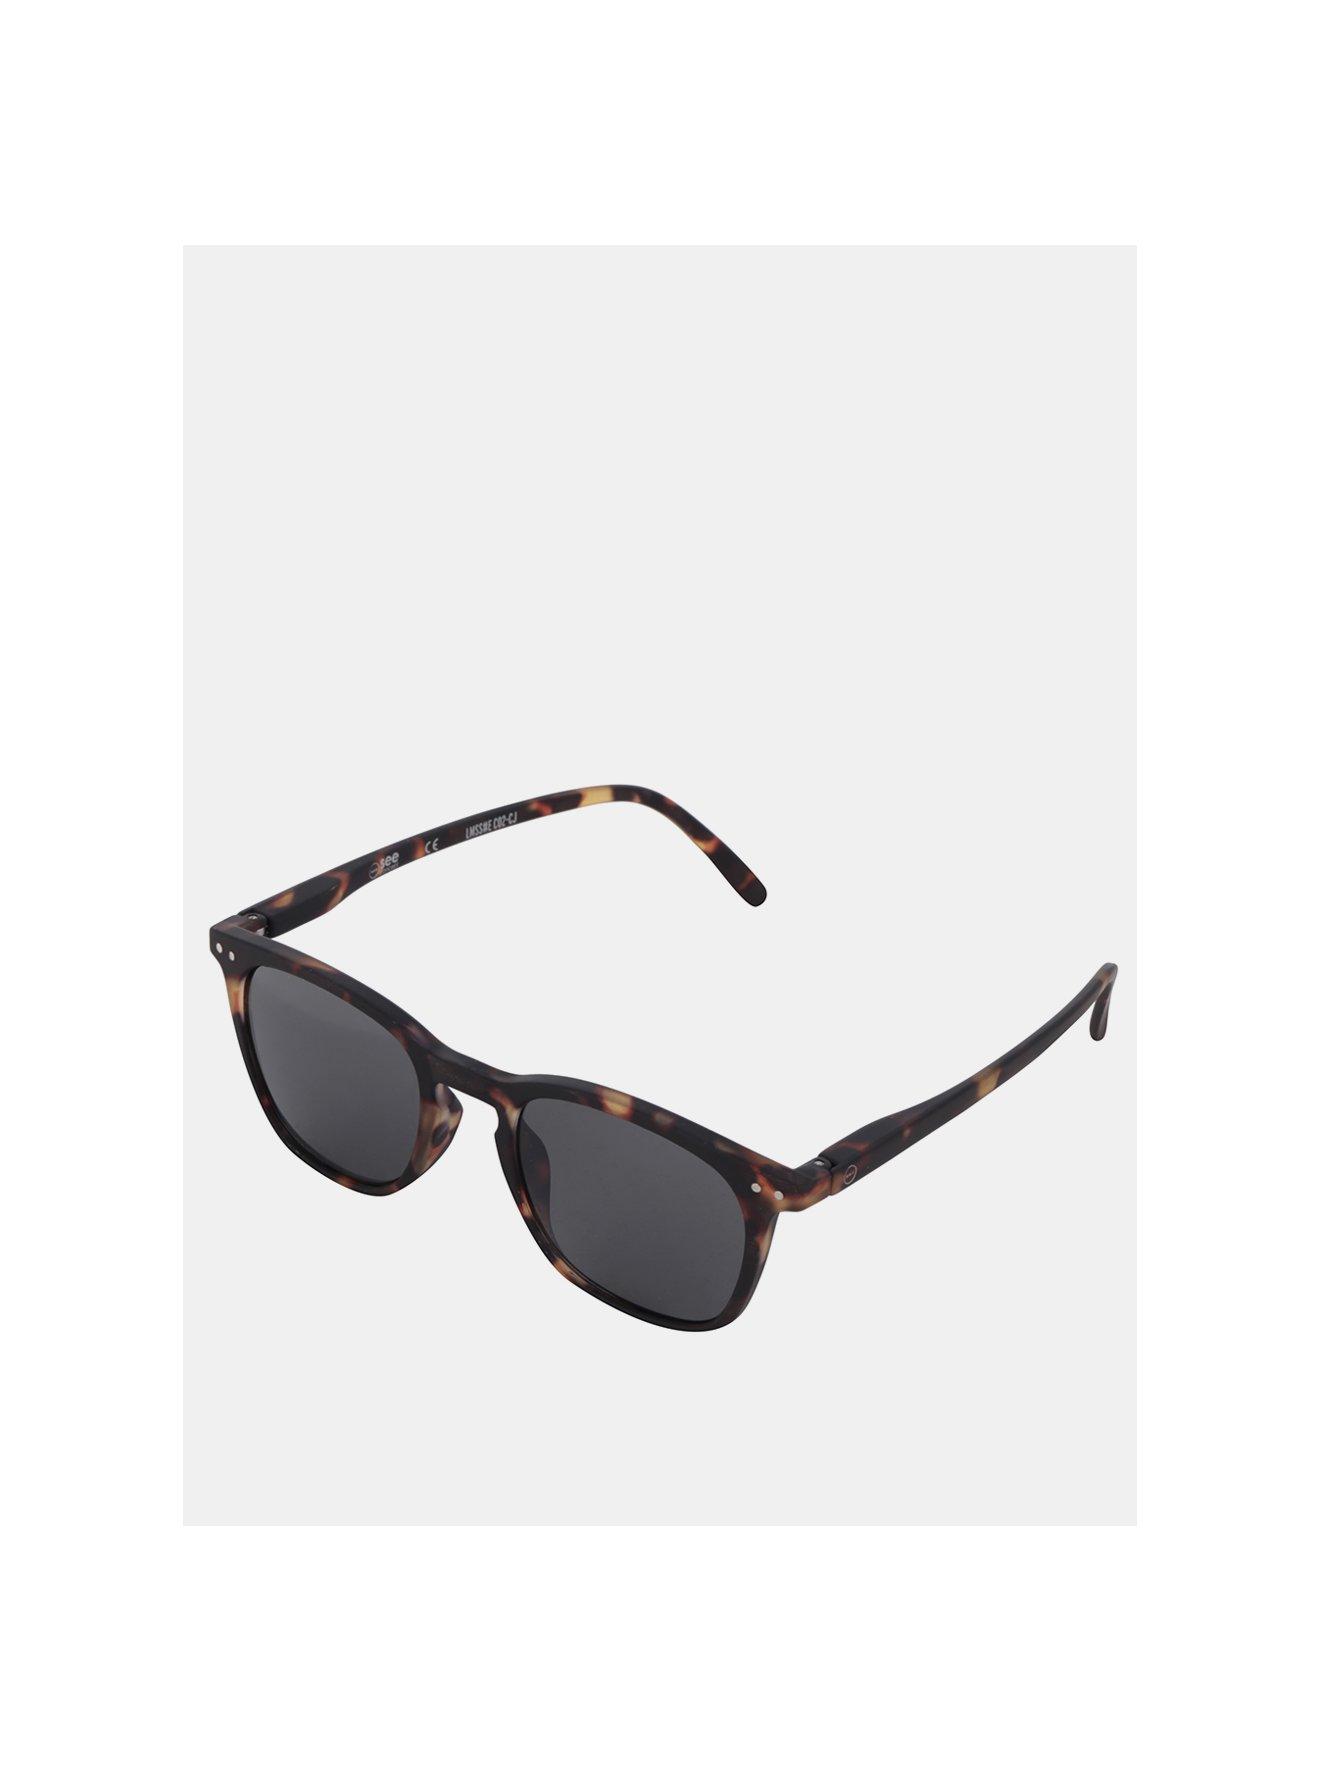 Hnědo-černé vzorované sluneční brýle s černými skly IZIPIZI  #E